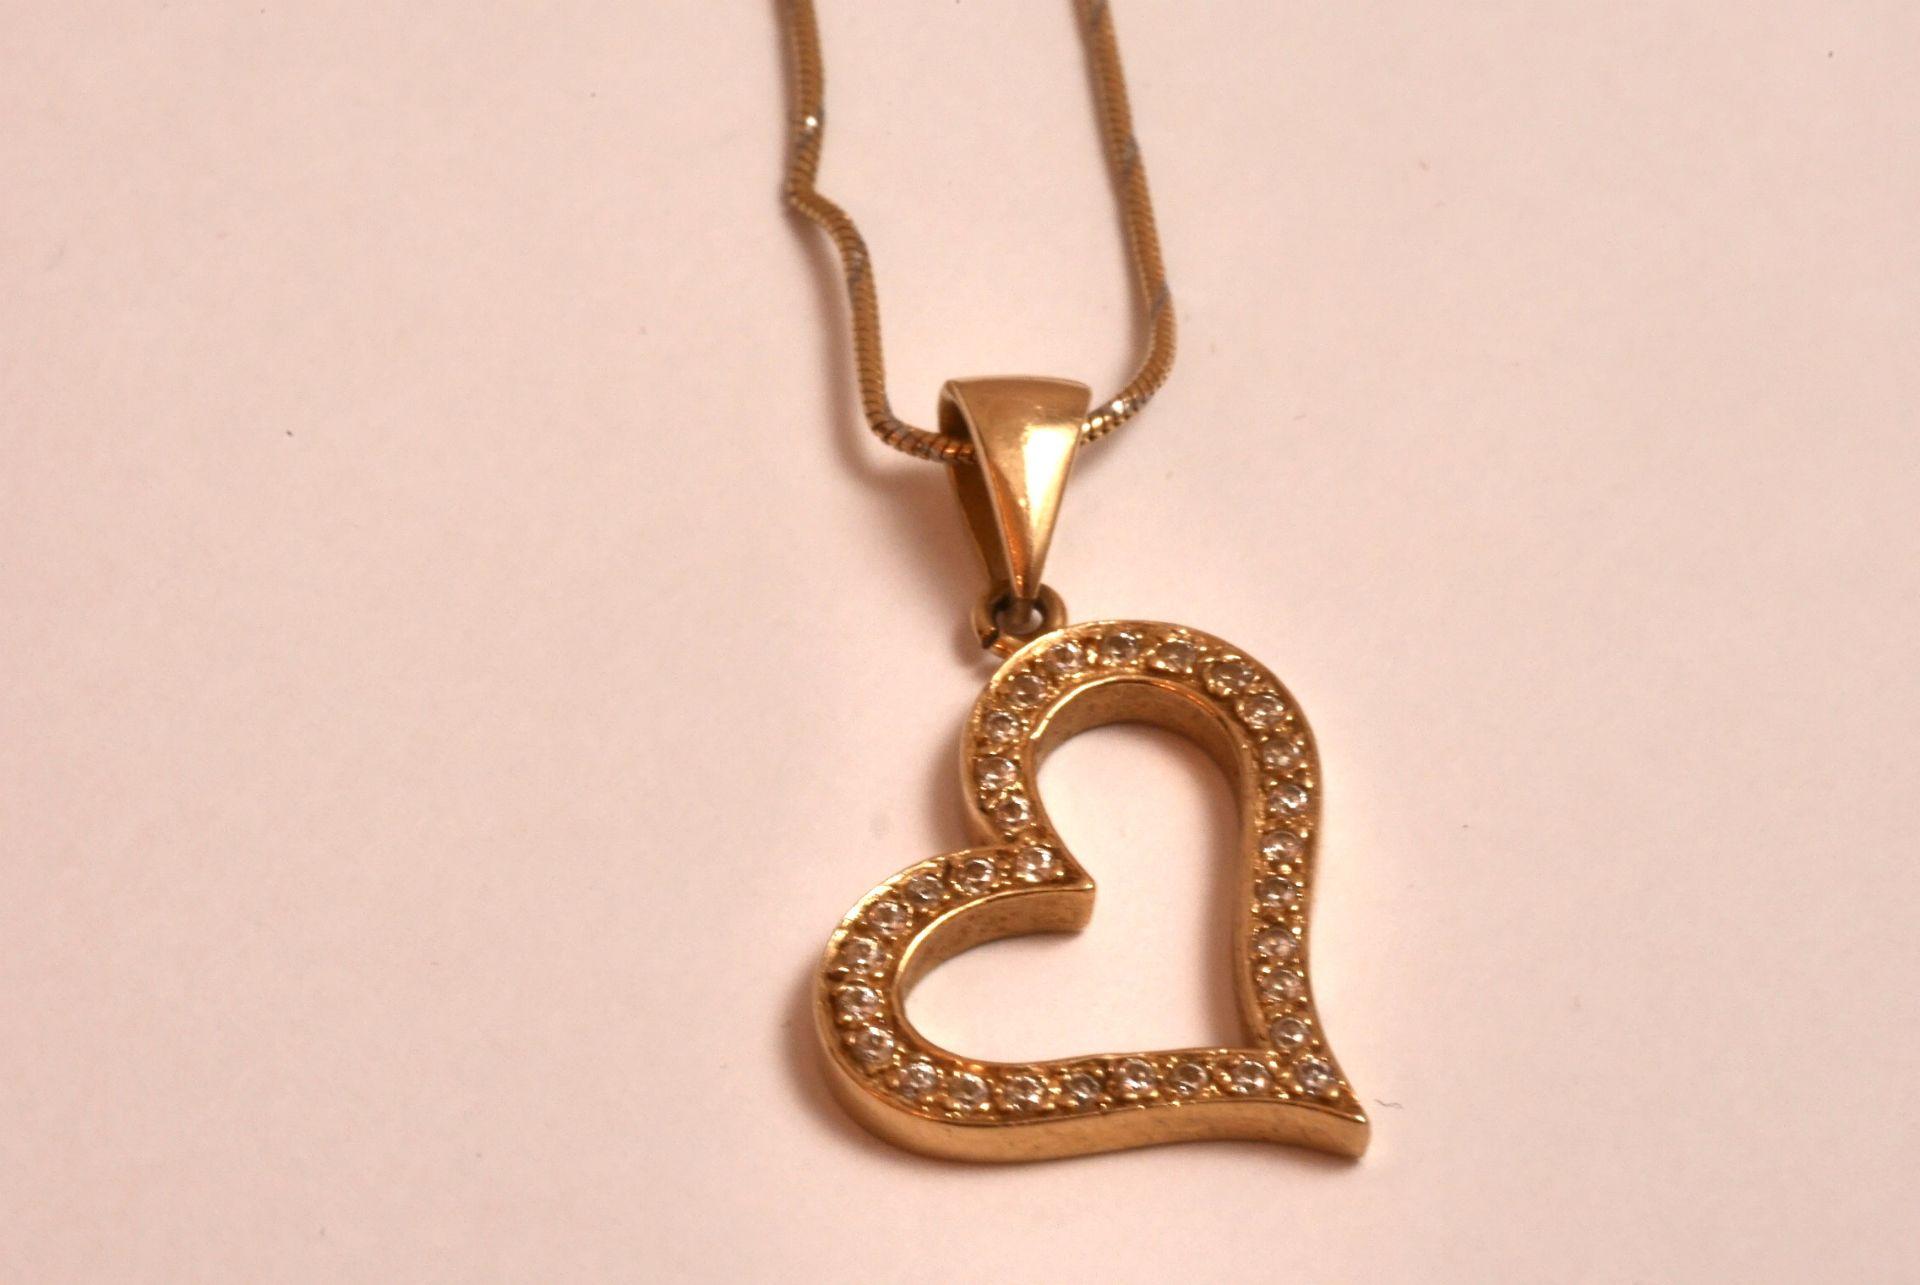 Halskette mit Herzanhänger GG 585, Zirkonia, 5,65 Gramm - Bild 4 aus 4